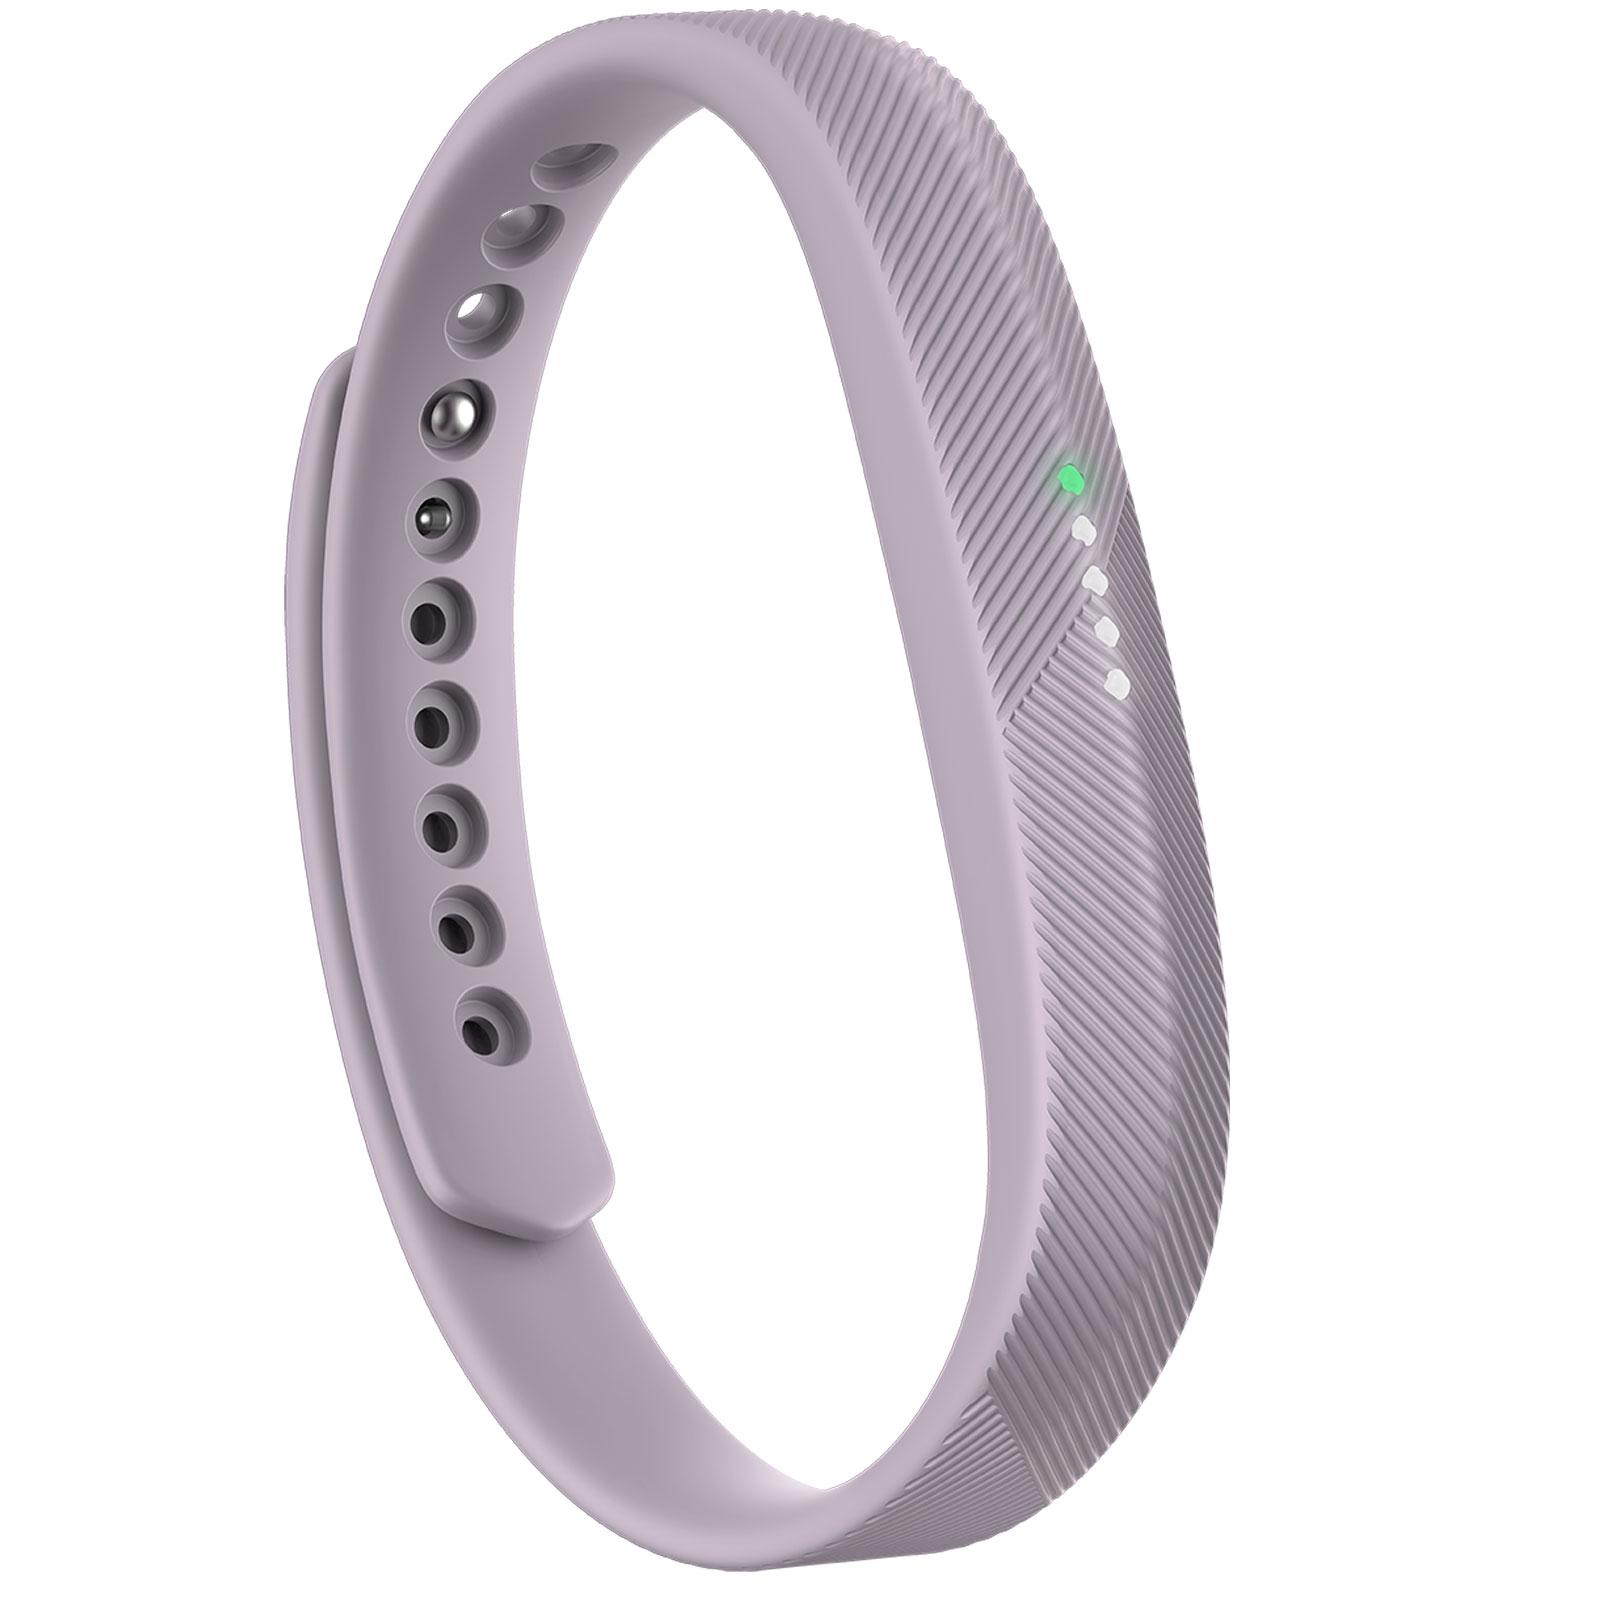 Bracelet connecté FitBit Flex 2 Lavande Coach électronique sans fil étanche pour smartphone iOS & Android